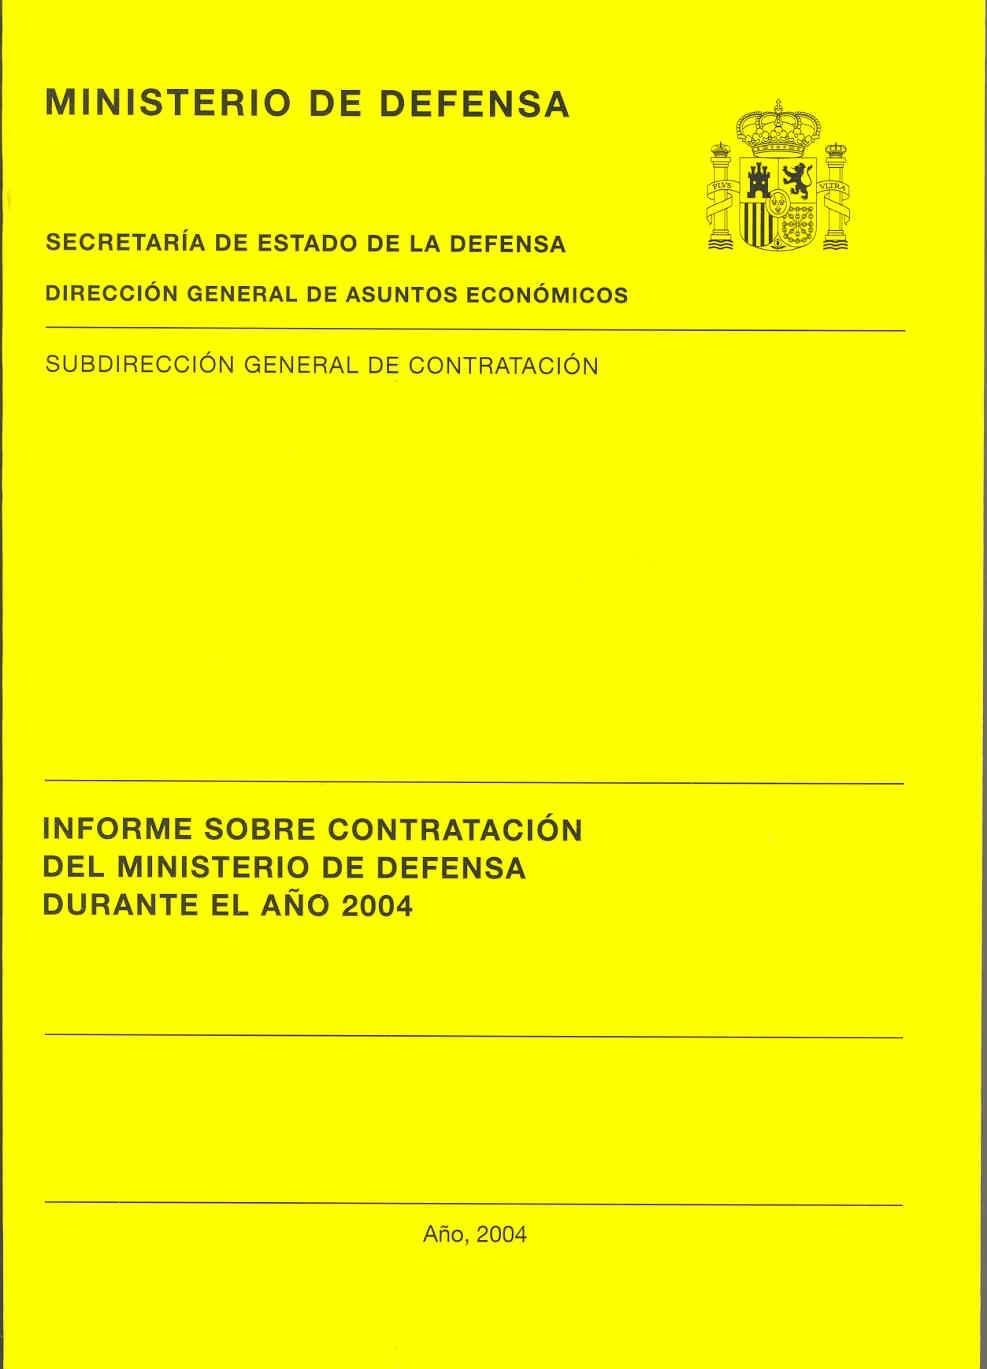 INFORME SOBRE CONTRATACIÓN DEL MINISTERIO DE DEFENSA DURANTE EL AÑO 2004